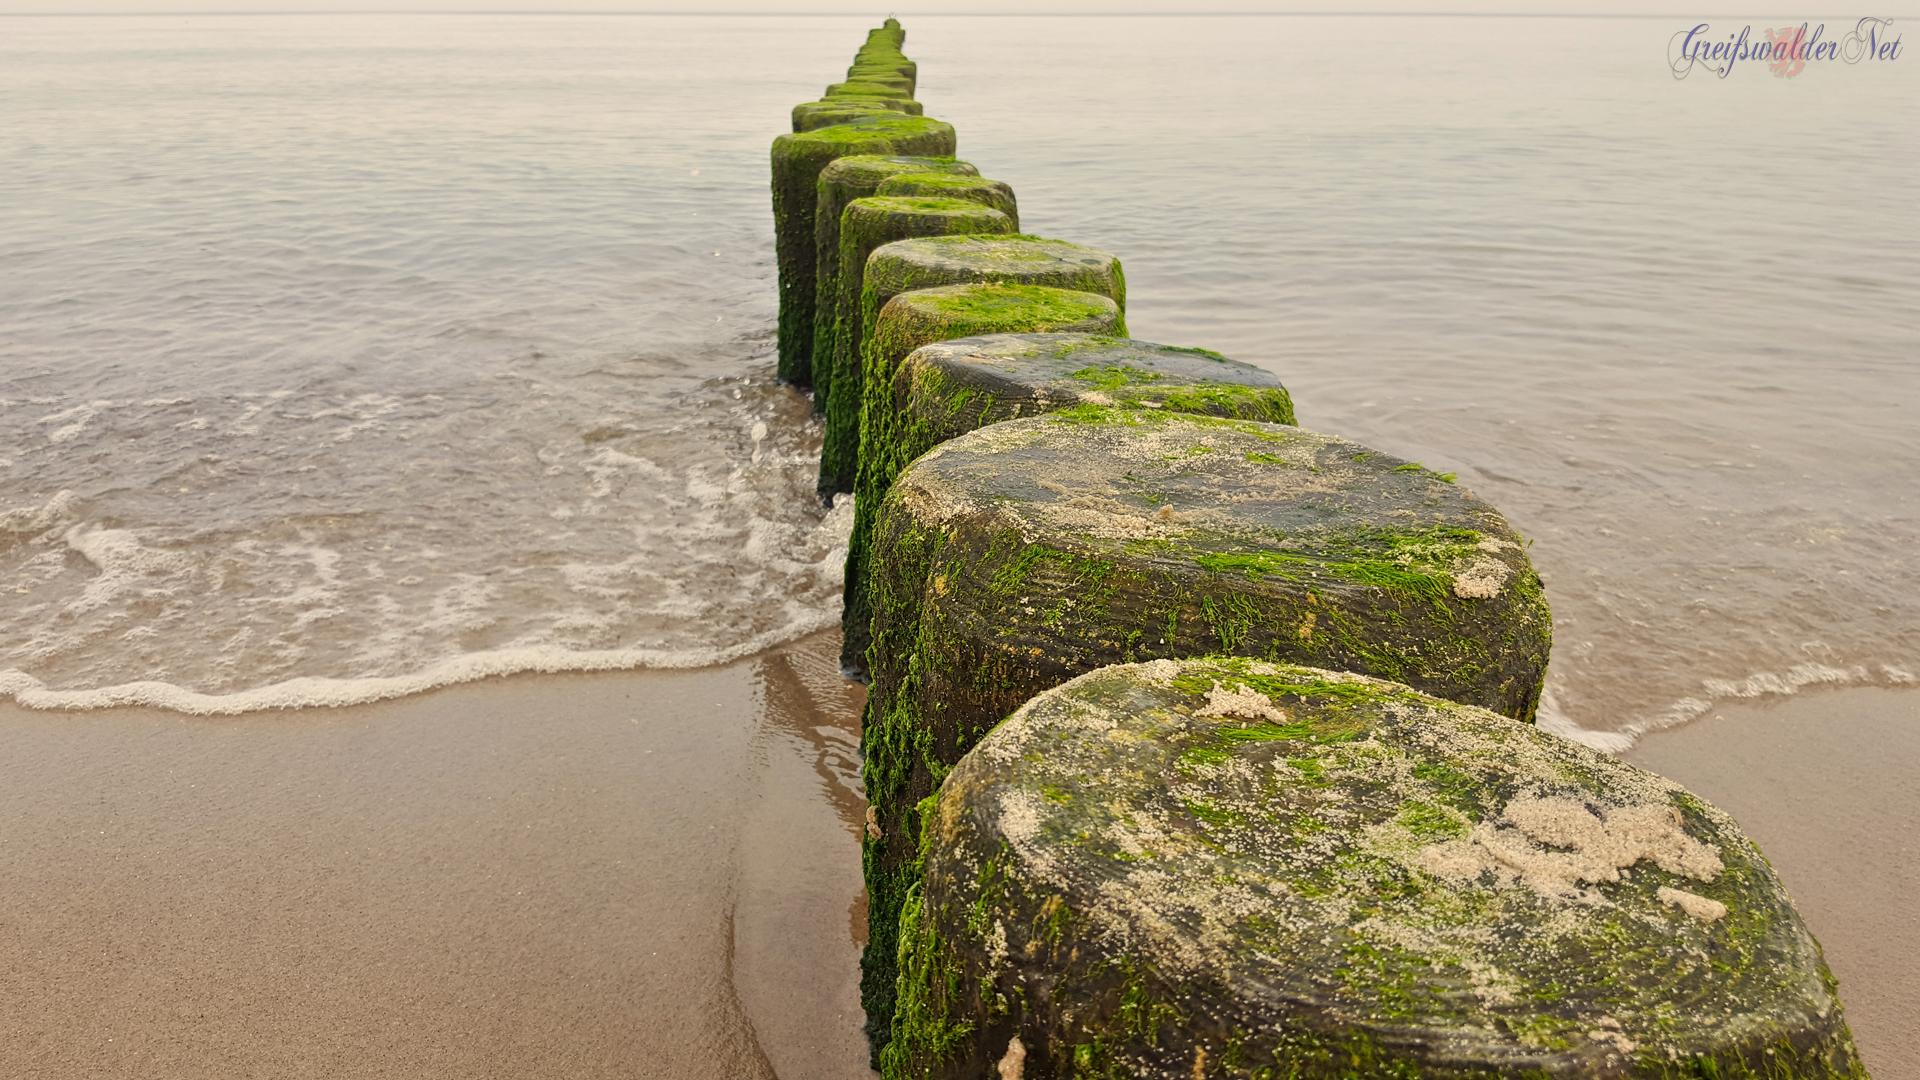 Bune an der Ostsee